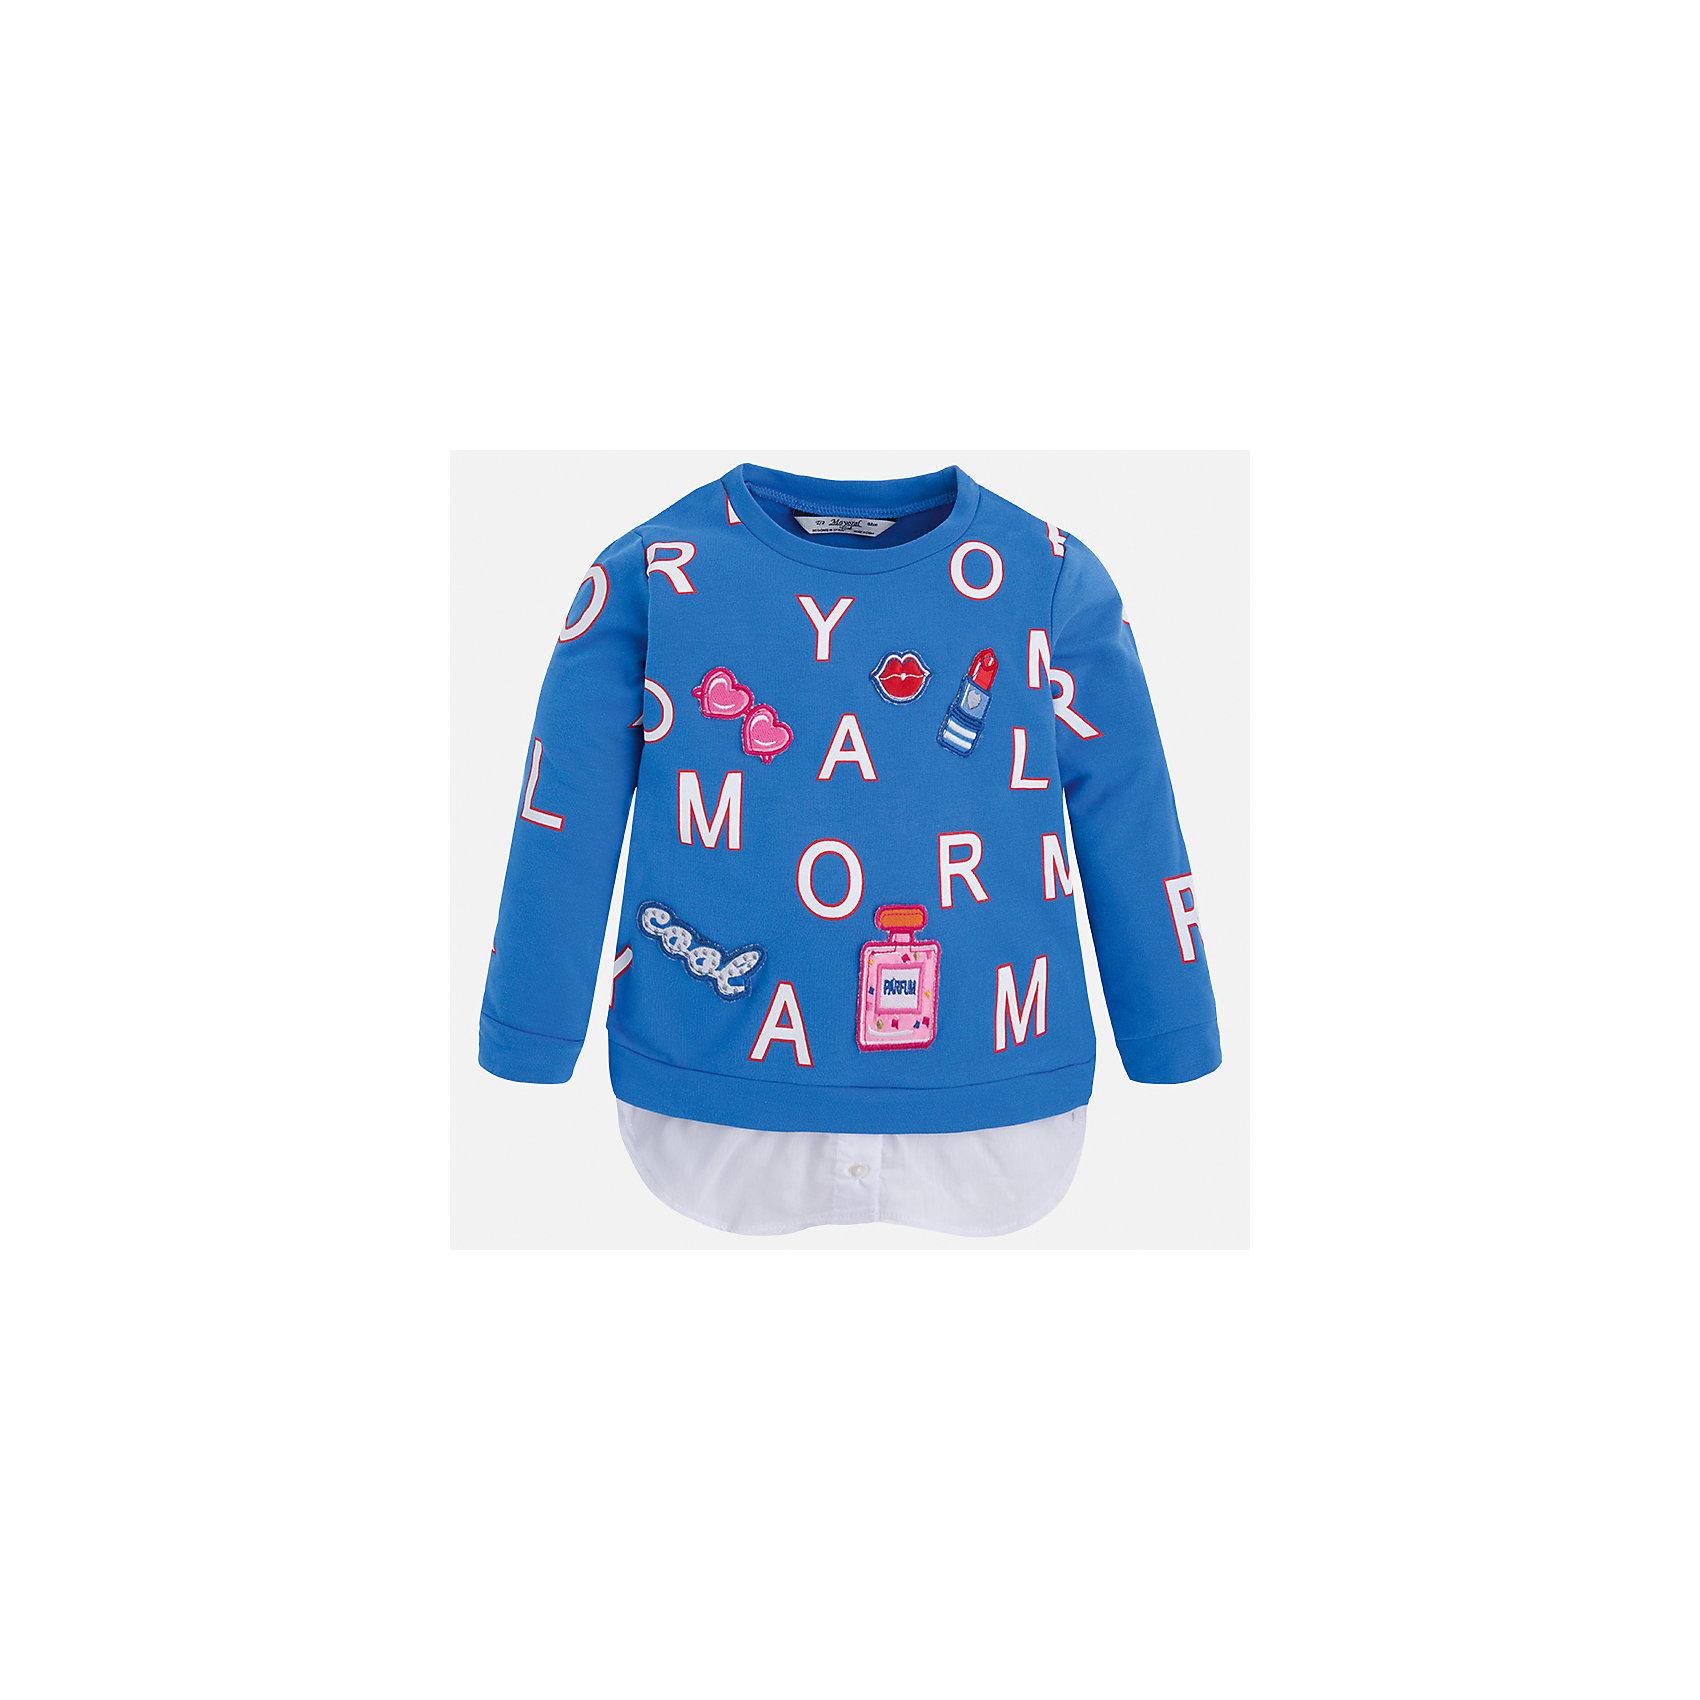 Свитер для девочки MayoralХарактеристики товара:<br><br>• цвет: синий<br>• состав: 95% хлопок, 5% эластан<br>• украшен принтом<br>• ворот - округлый<br>• с длинными рукавами <br>• манжеты<br>• страна бренда: Испания<br><br>Удобный и красивый свитер для девочки поможет разнообразить гардероб ребенка и украсить наряд. Он отлично сочетается и с юбками, и с брюками. Яркий цвет позволяет подобрать к вещи низ различных расцветок. Интересная отделка модели делает её нарядной и оригинальной. <br><br>Одежда, обувь и аксессуары от испанского бренда Mayoral полюбились детям и взрослым по всему миру. Модели этой марки - стильные и удобные. Для их производства используются только безопасные, качественные материалы и фурнитура. Порадуйте ребенка модными и красивыми вещами от Mayoral! <br><br>Свитер для девочки от испанского бренда Mayoral (Майорал) можно купить в нашем интернет-магазине.<br><br>Ширина мм: 190<br>Глубина мм: 74<br>Высота мм: 229<br>Вес г: 236<br>Цвет: синий<br>Возраст от месяцев: 96<br>Возраст до месяцев: 108<br>Пол: Женский<br>Возраст: Детский<br>Размер: 134,92,98,104,110,116,122,128<br>SKU: 5290029